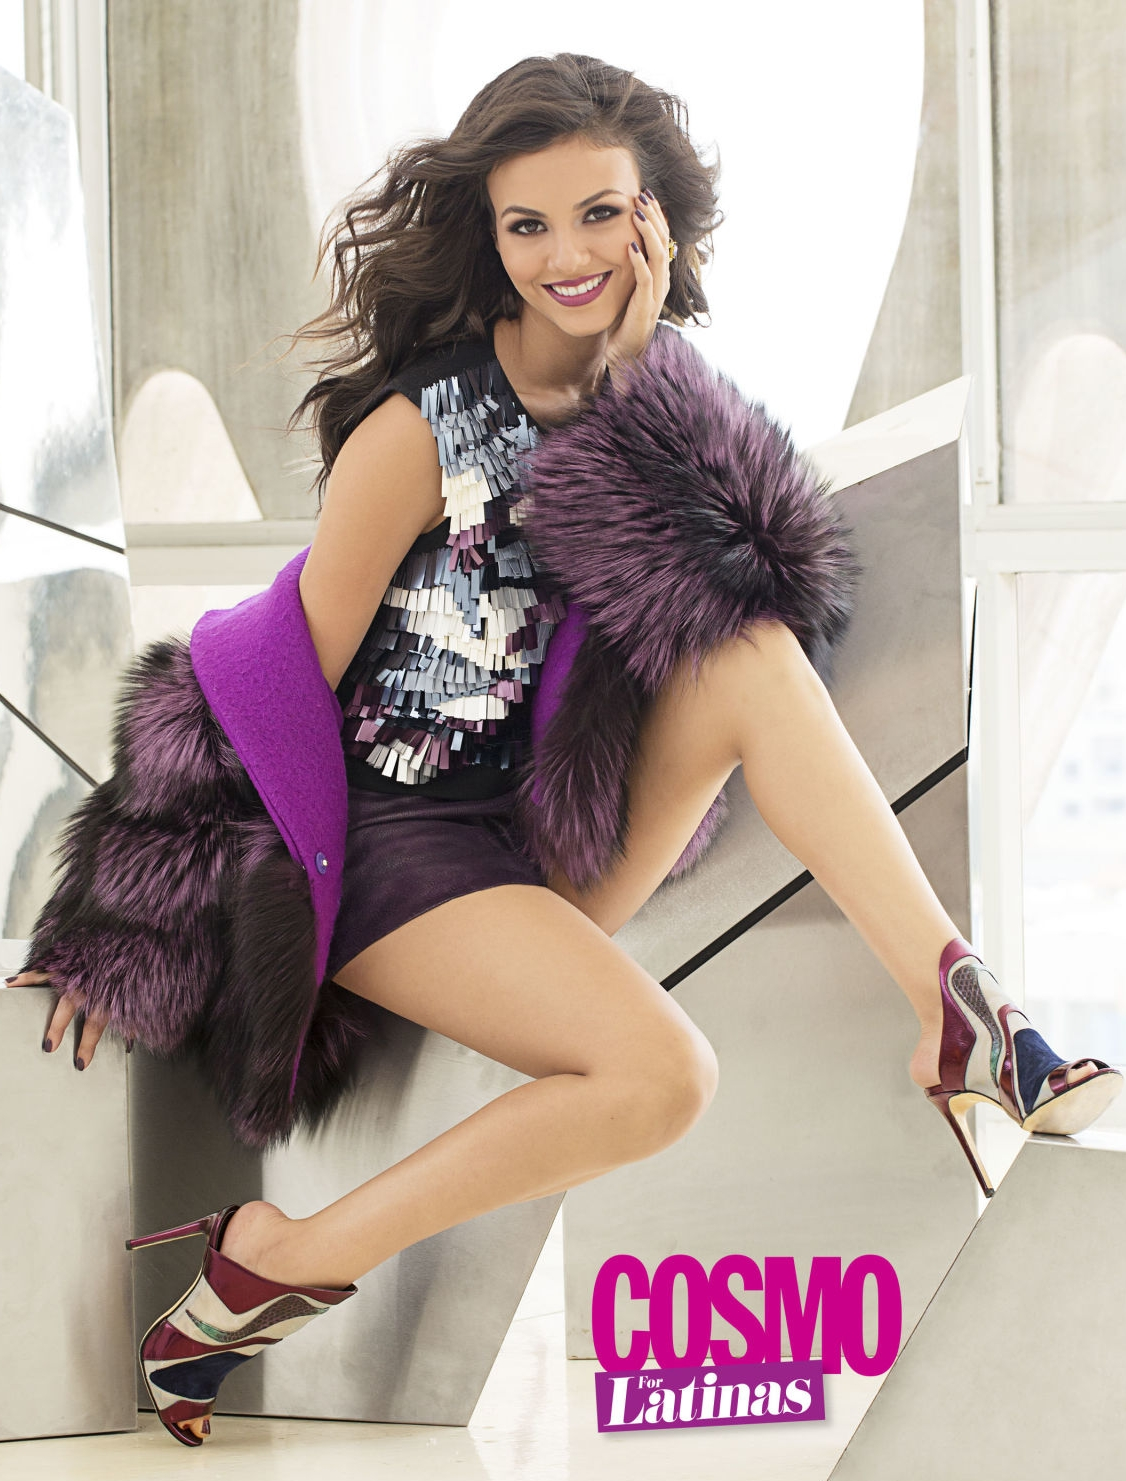 Fashion Editor: Laura Zapata. Stylist: Niria Portella. Cover story, Cosmo for Latinas.